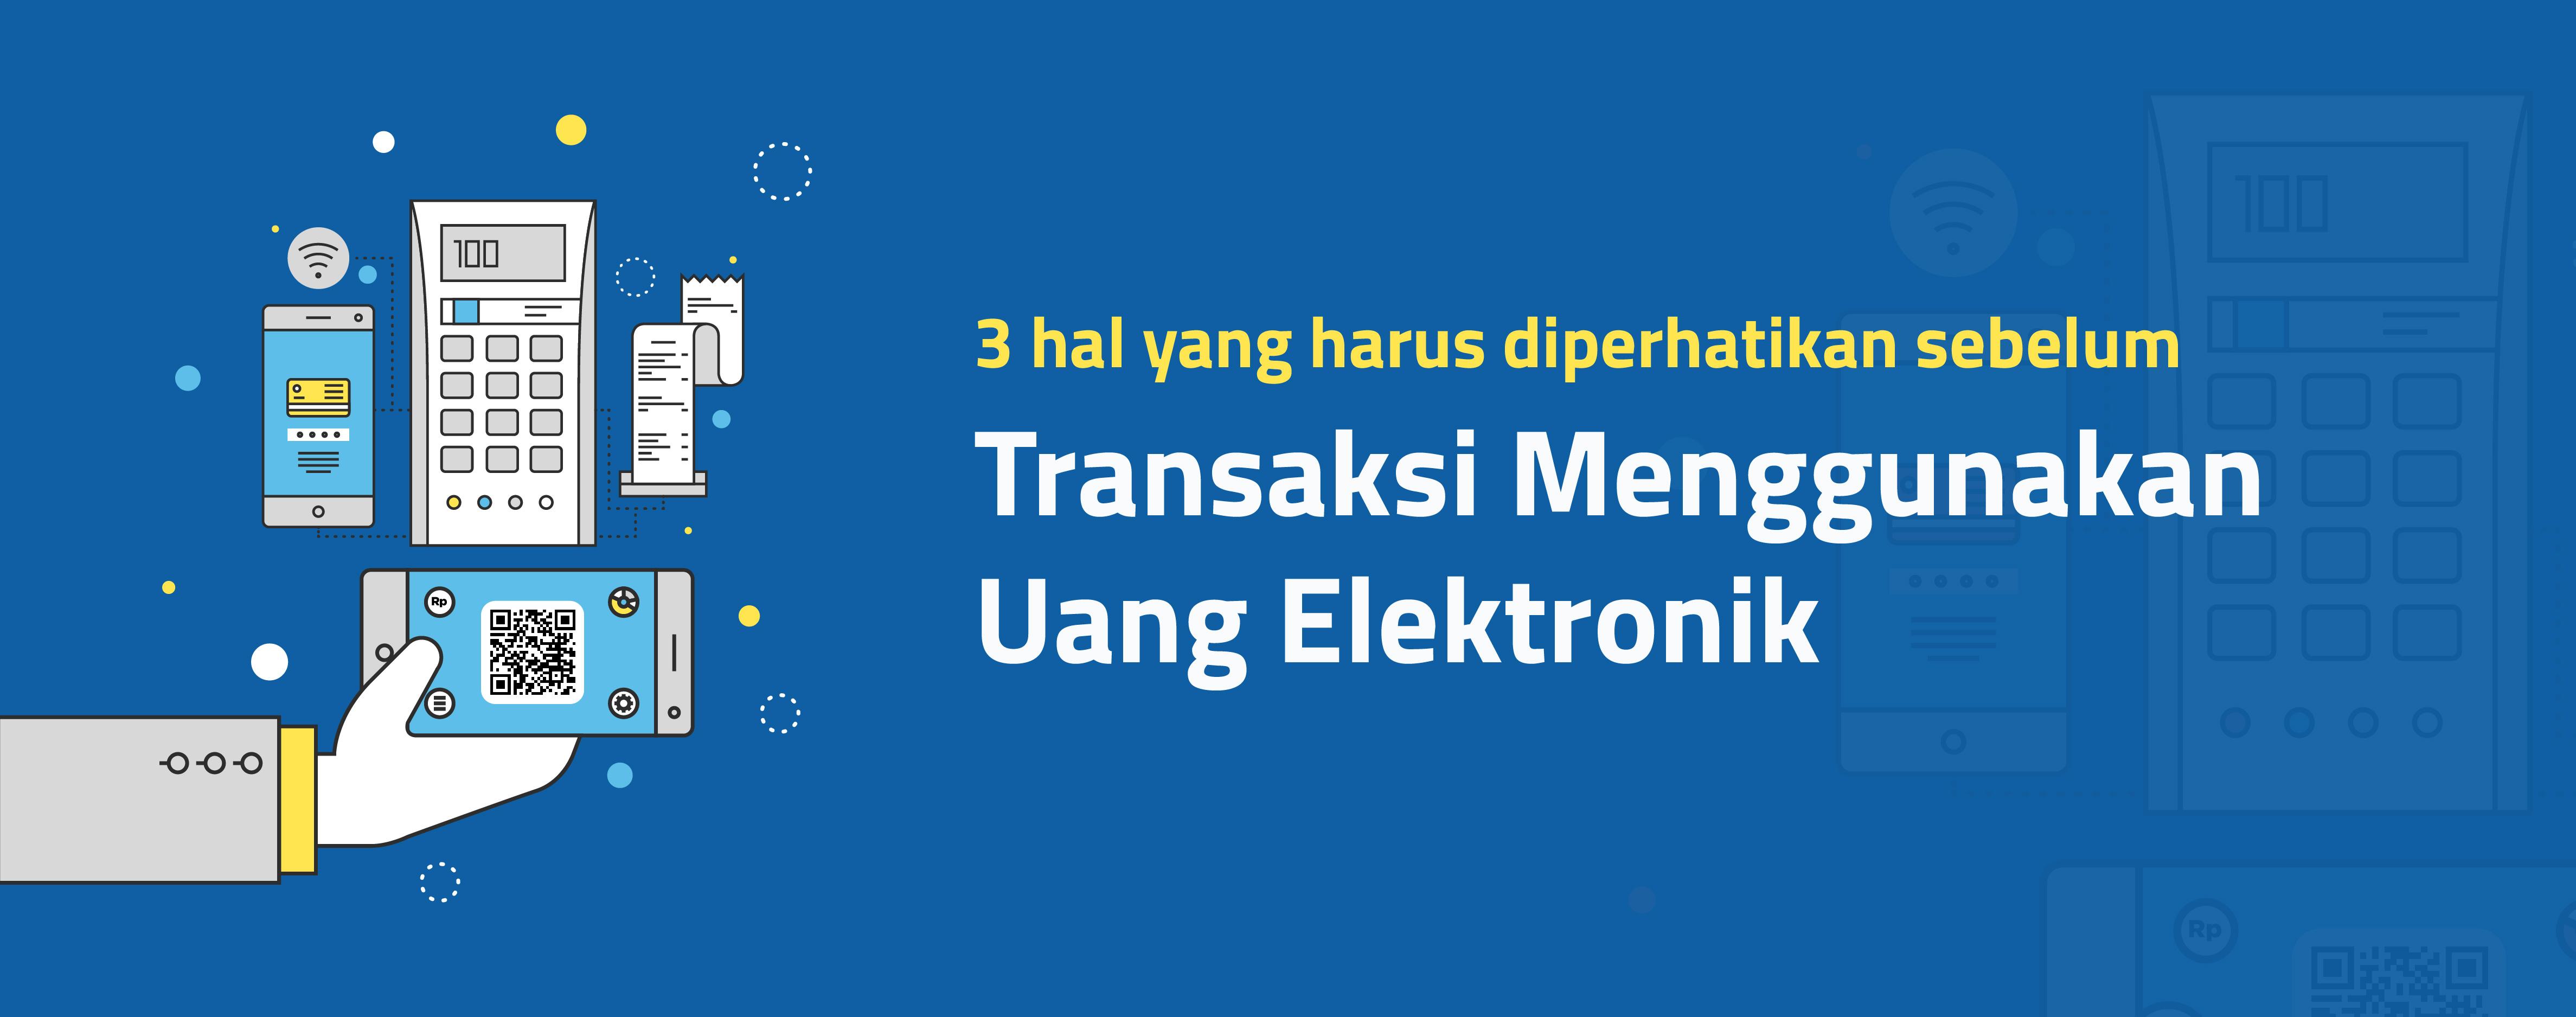 3 Hal yang Harus Diperhatikan  Sebelum Transaksi Menggunakan Uang Elektronik